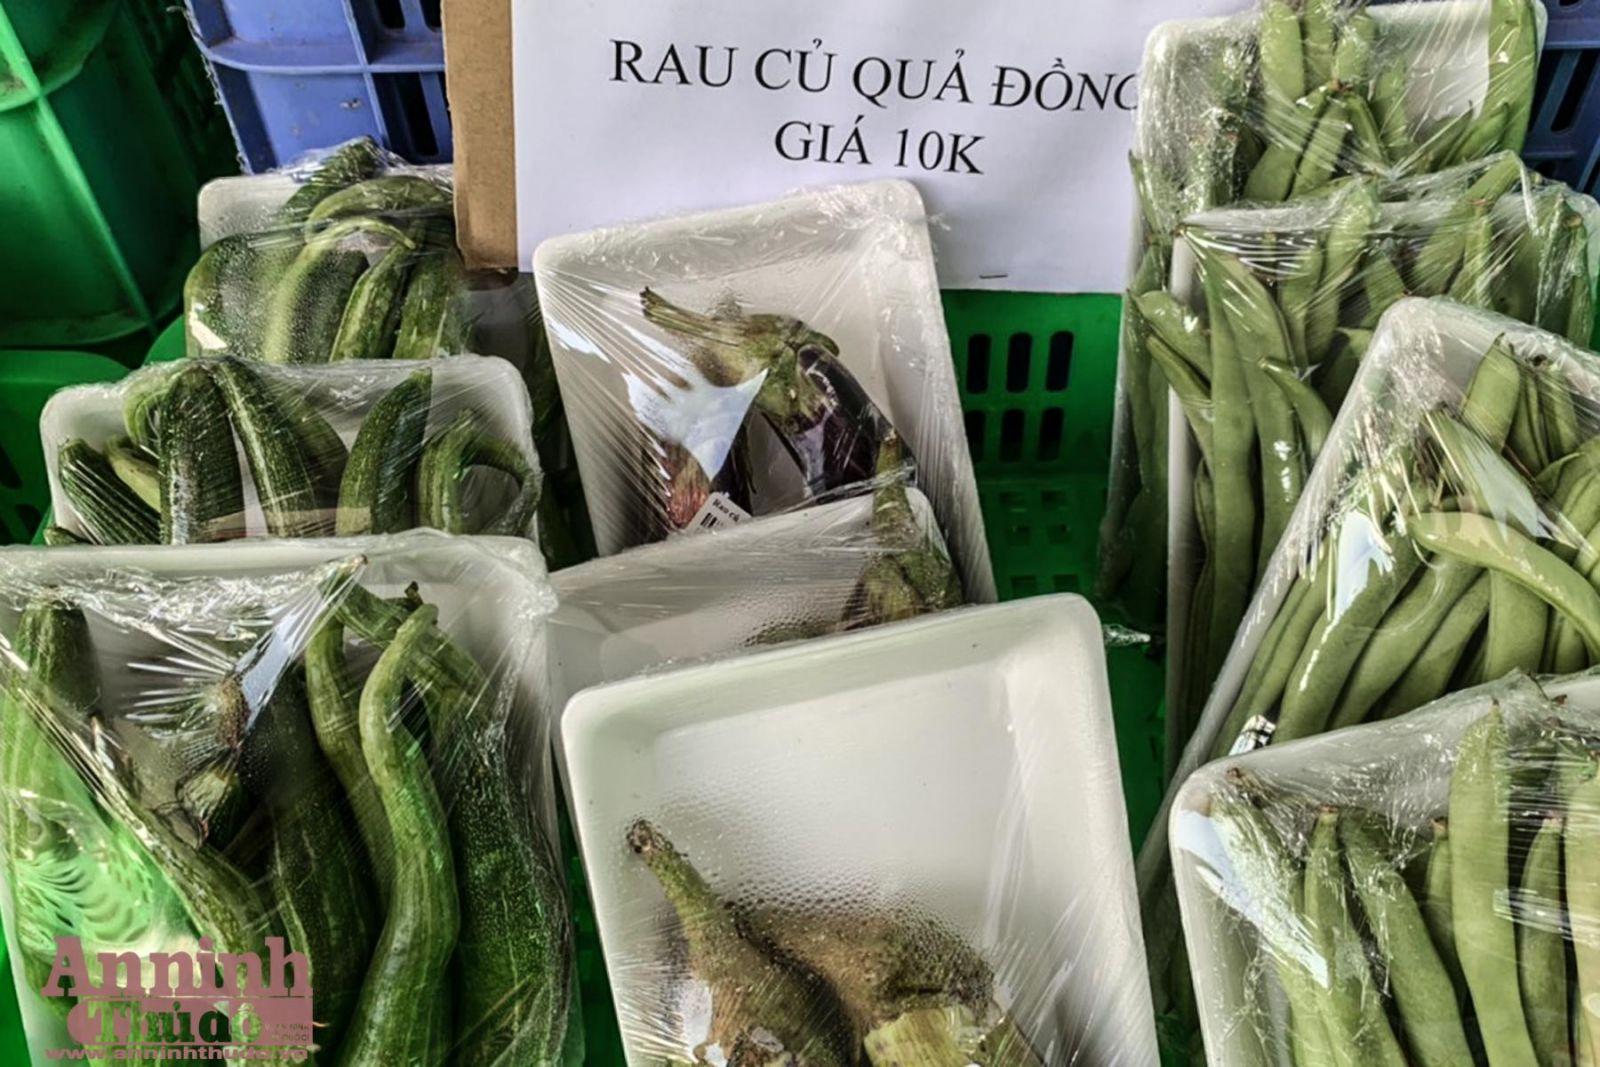 Gian hàng bán các loại rau củ quả đồng giá 10.000 đồng